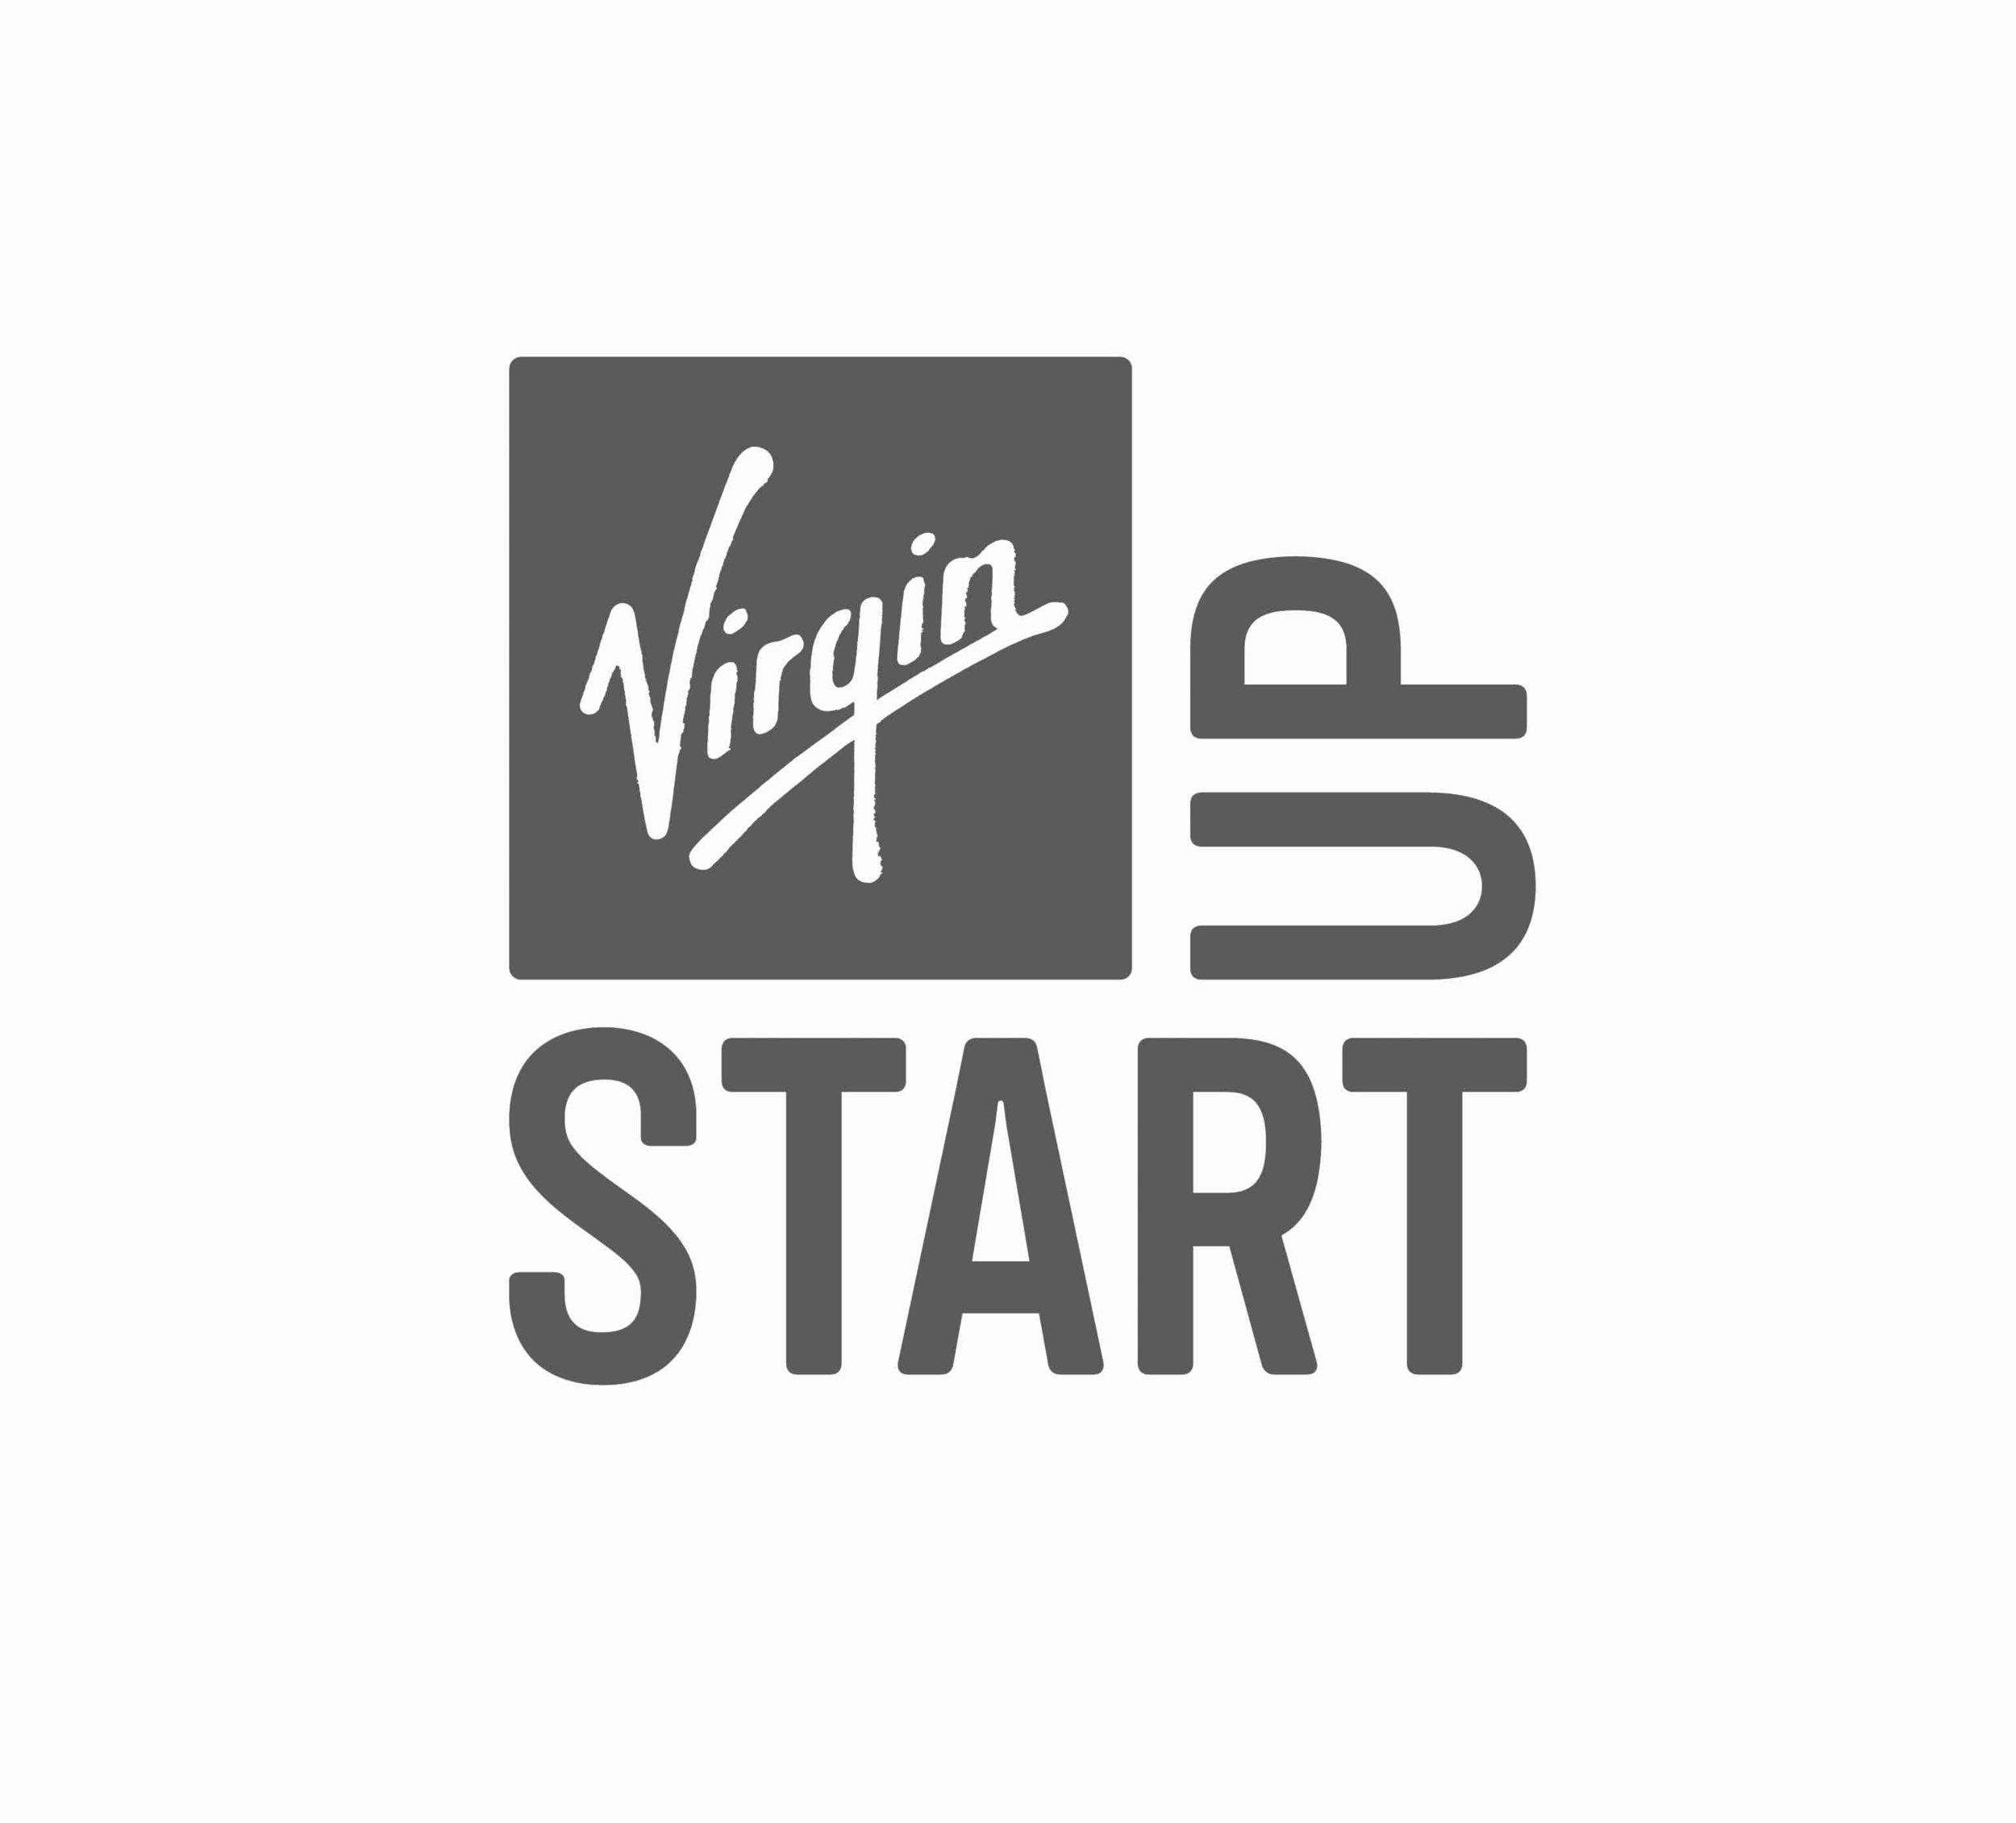 Virgin Startup Logo B&W v2.jpg